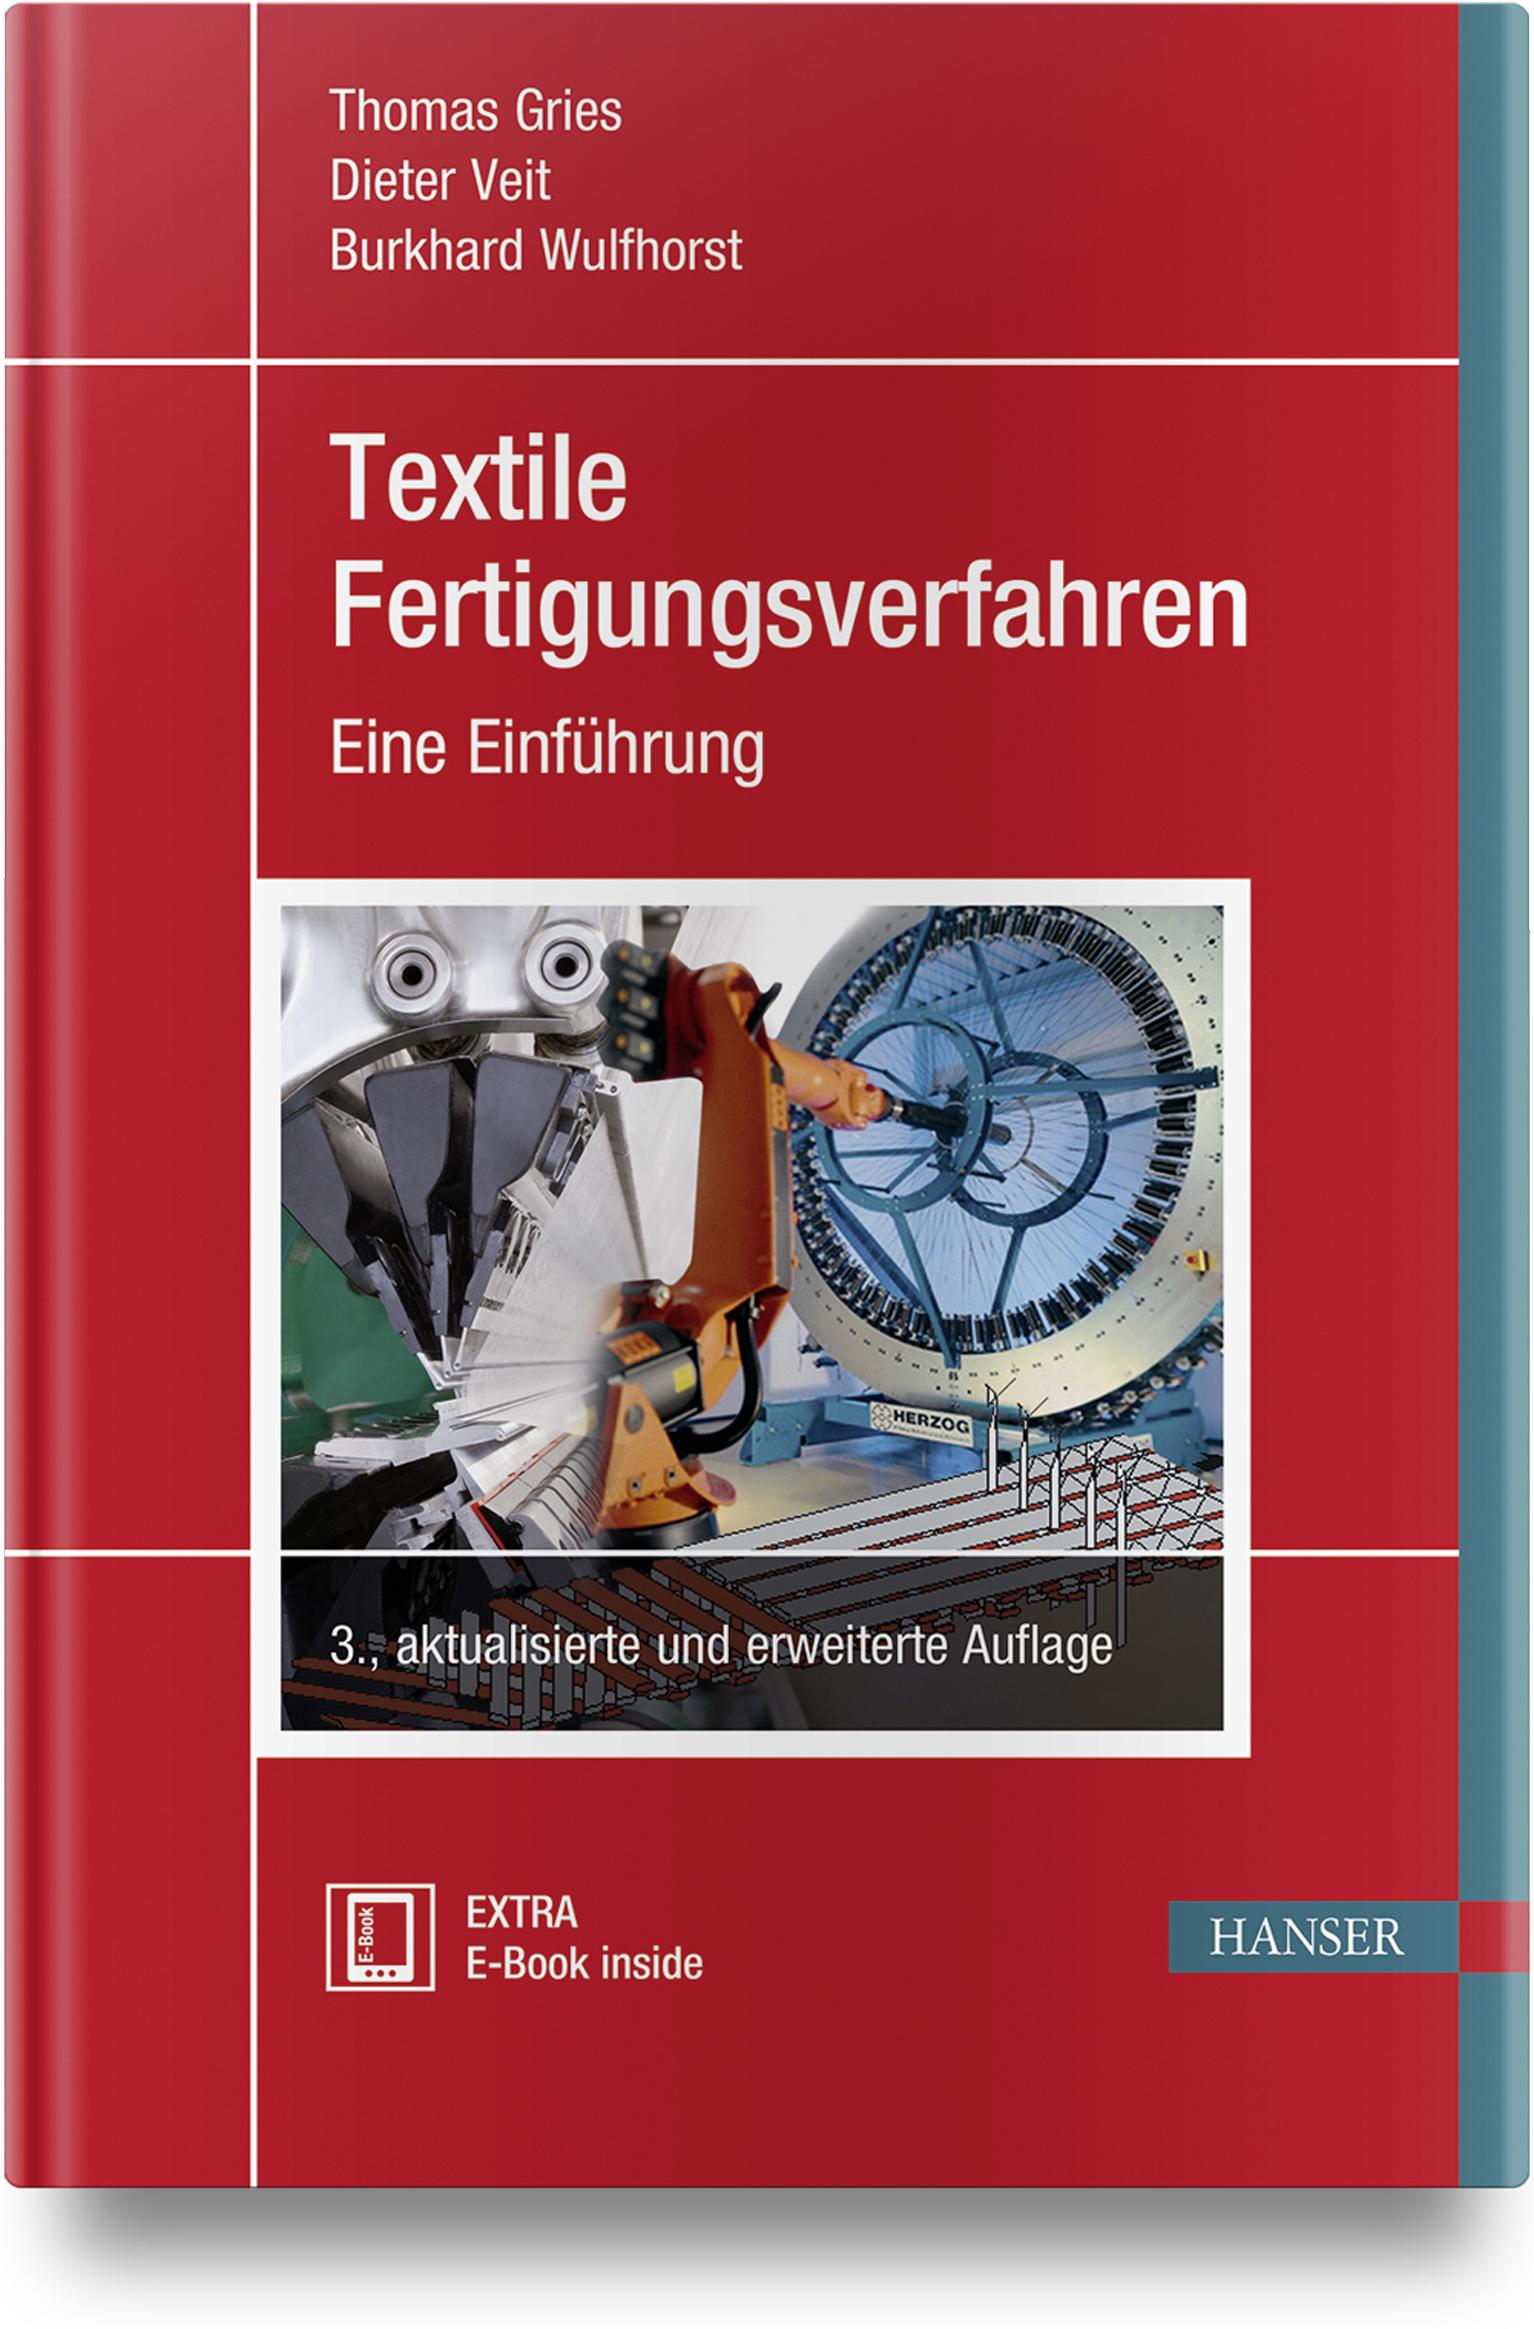 Gries, Veit, Wulfhorst, Textile Fertigungsverfahren, 978-3-446-45684-6